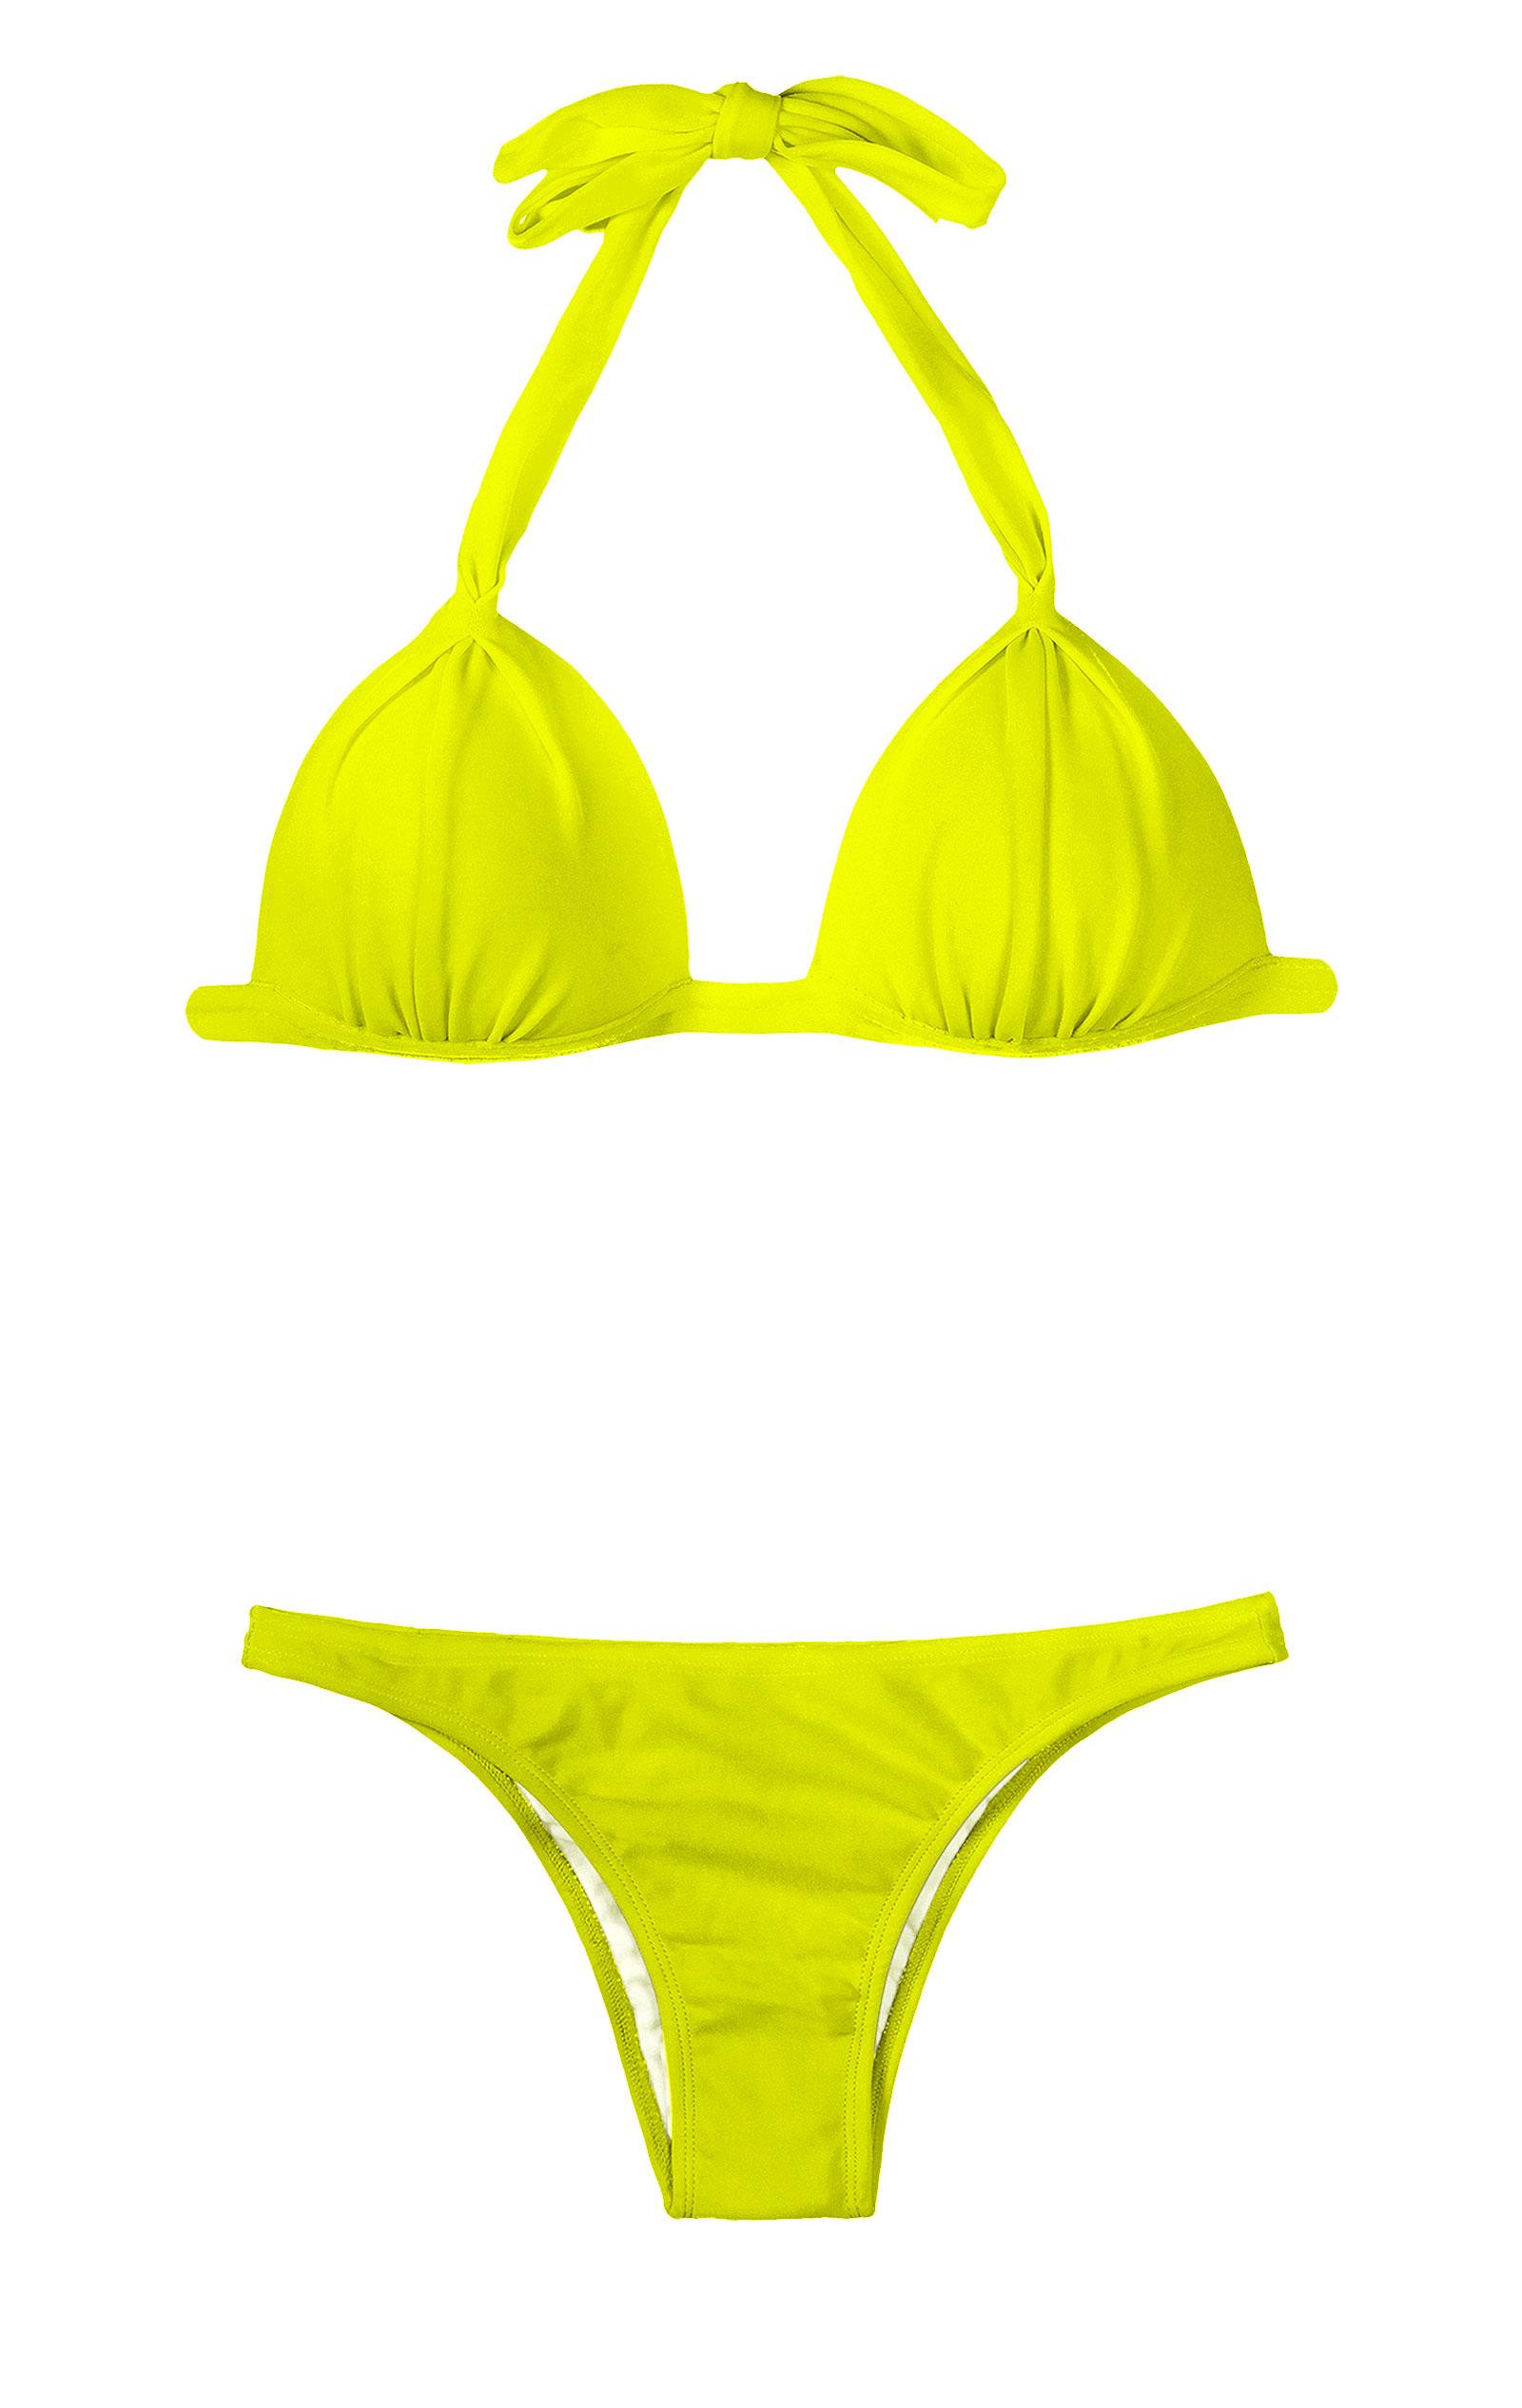 In yellow bikini